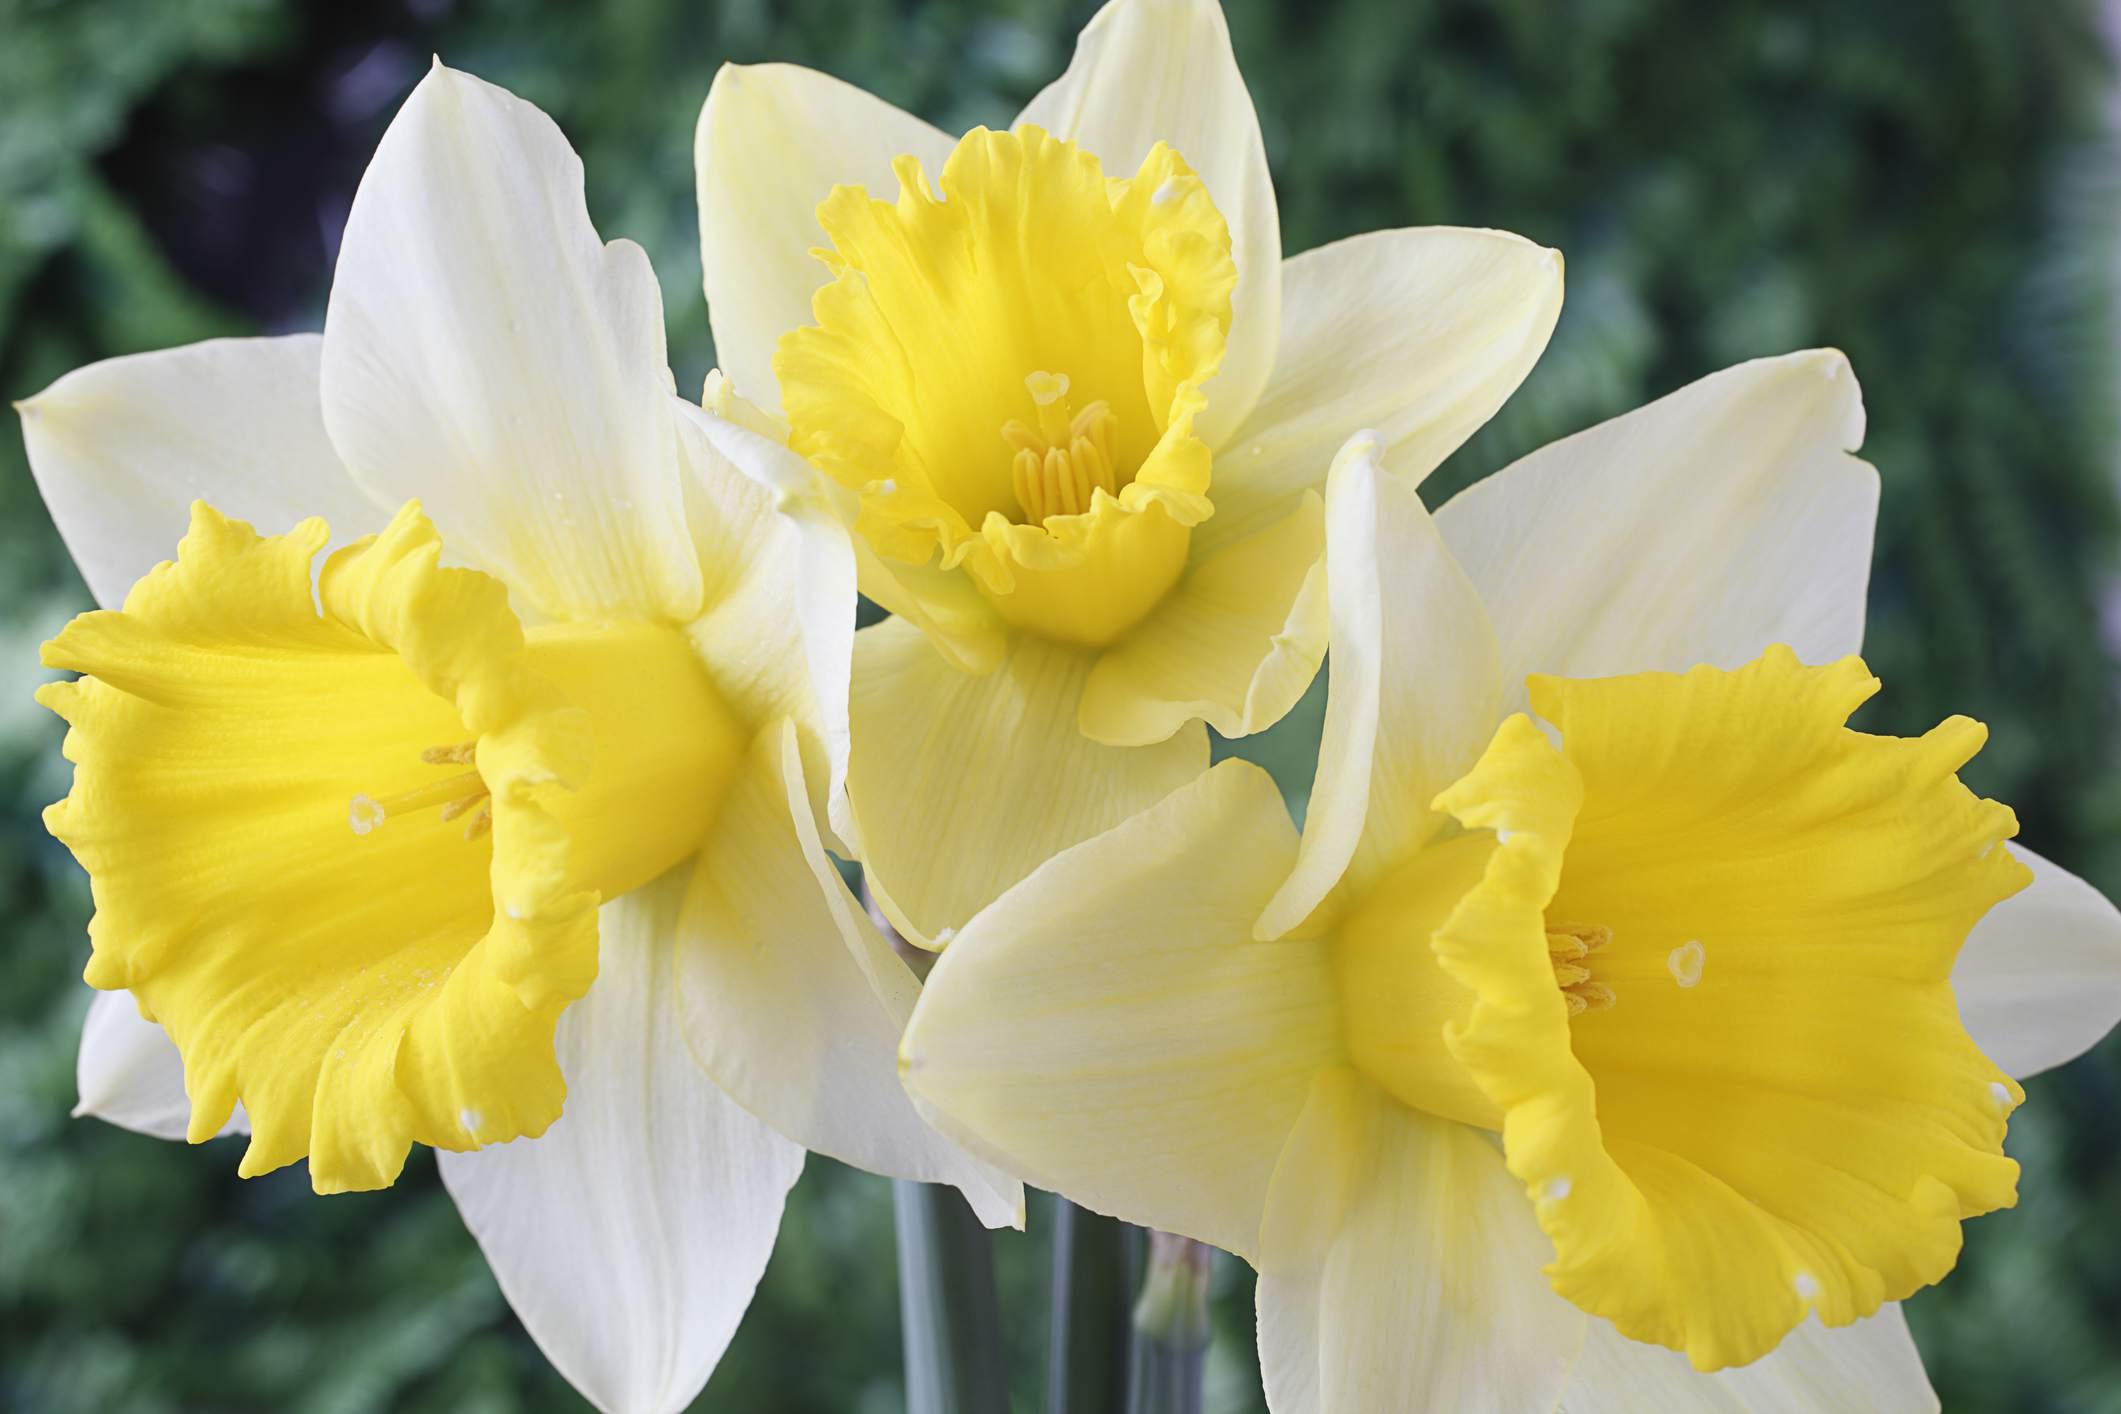 Crewenna Daffodil